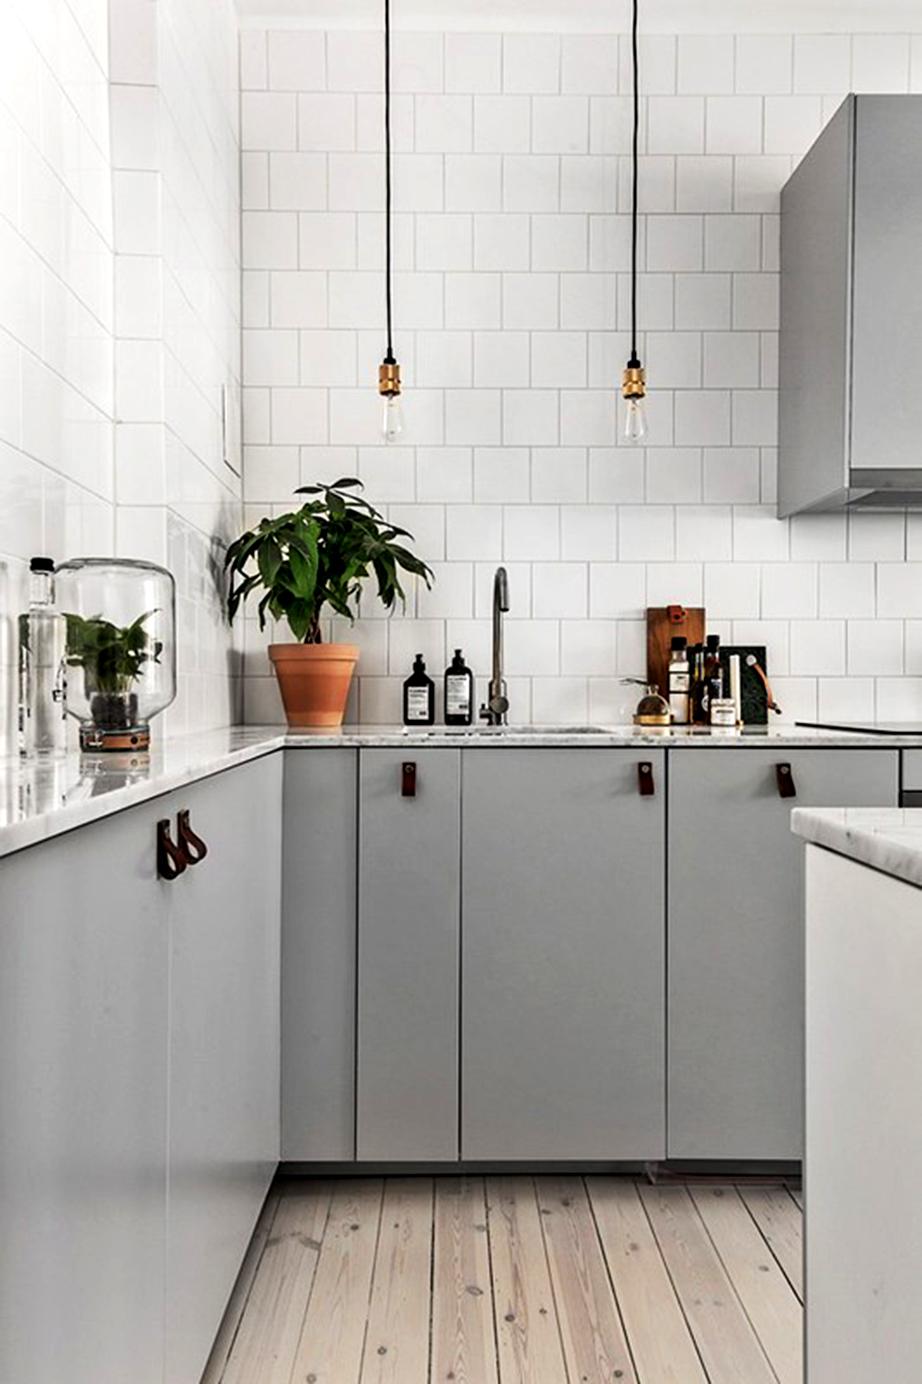 Βάψτε με ένα γκρι της επιλογής σας τα ντουλάπια της κουζίνας και κρατήστε λευκές τις υπόλοιπες σταθερές επιφάνειες αυτής. Χρησιμοποιήστε απλά ντουί με λάμπες αντί για φωτιστικά.